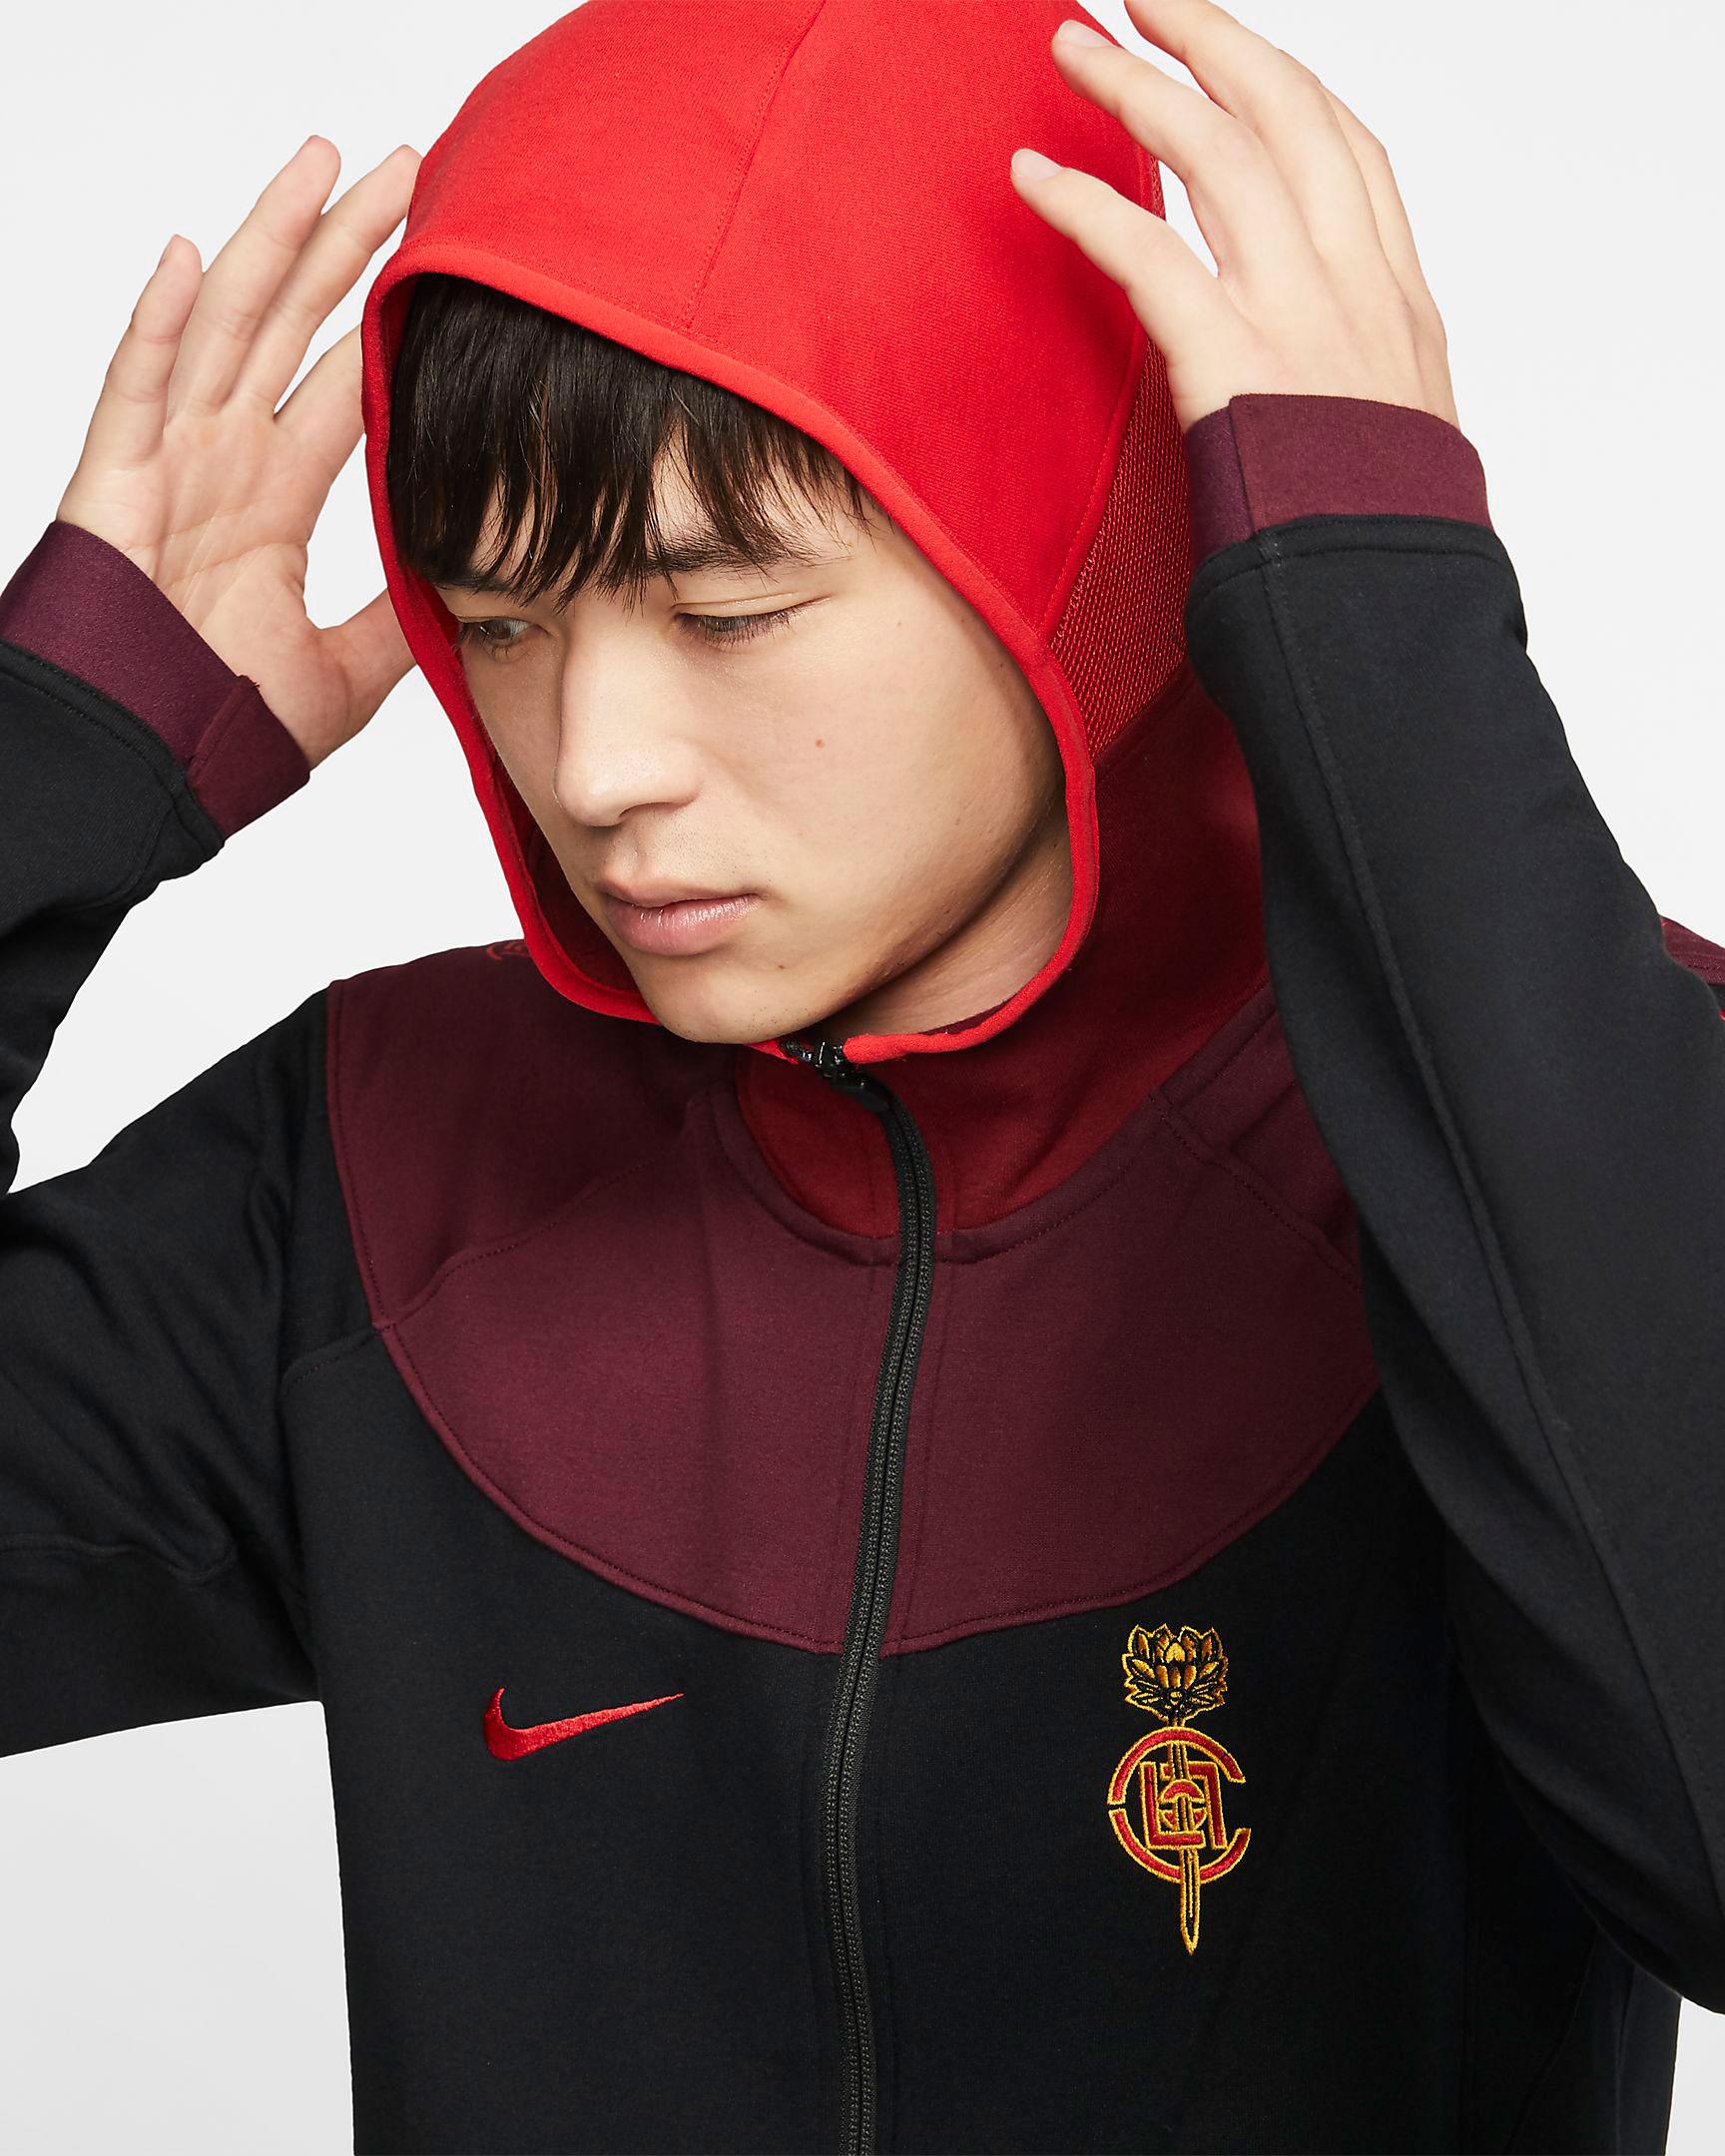 clot-air-jordan-1-mid-fearless-hoodie-3